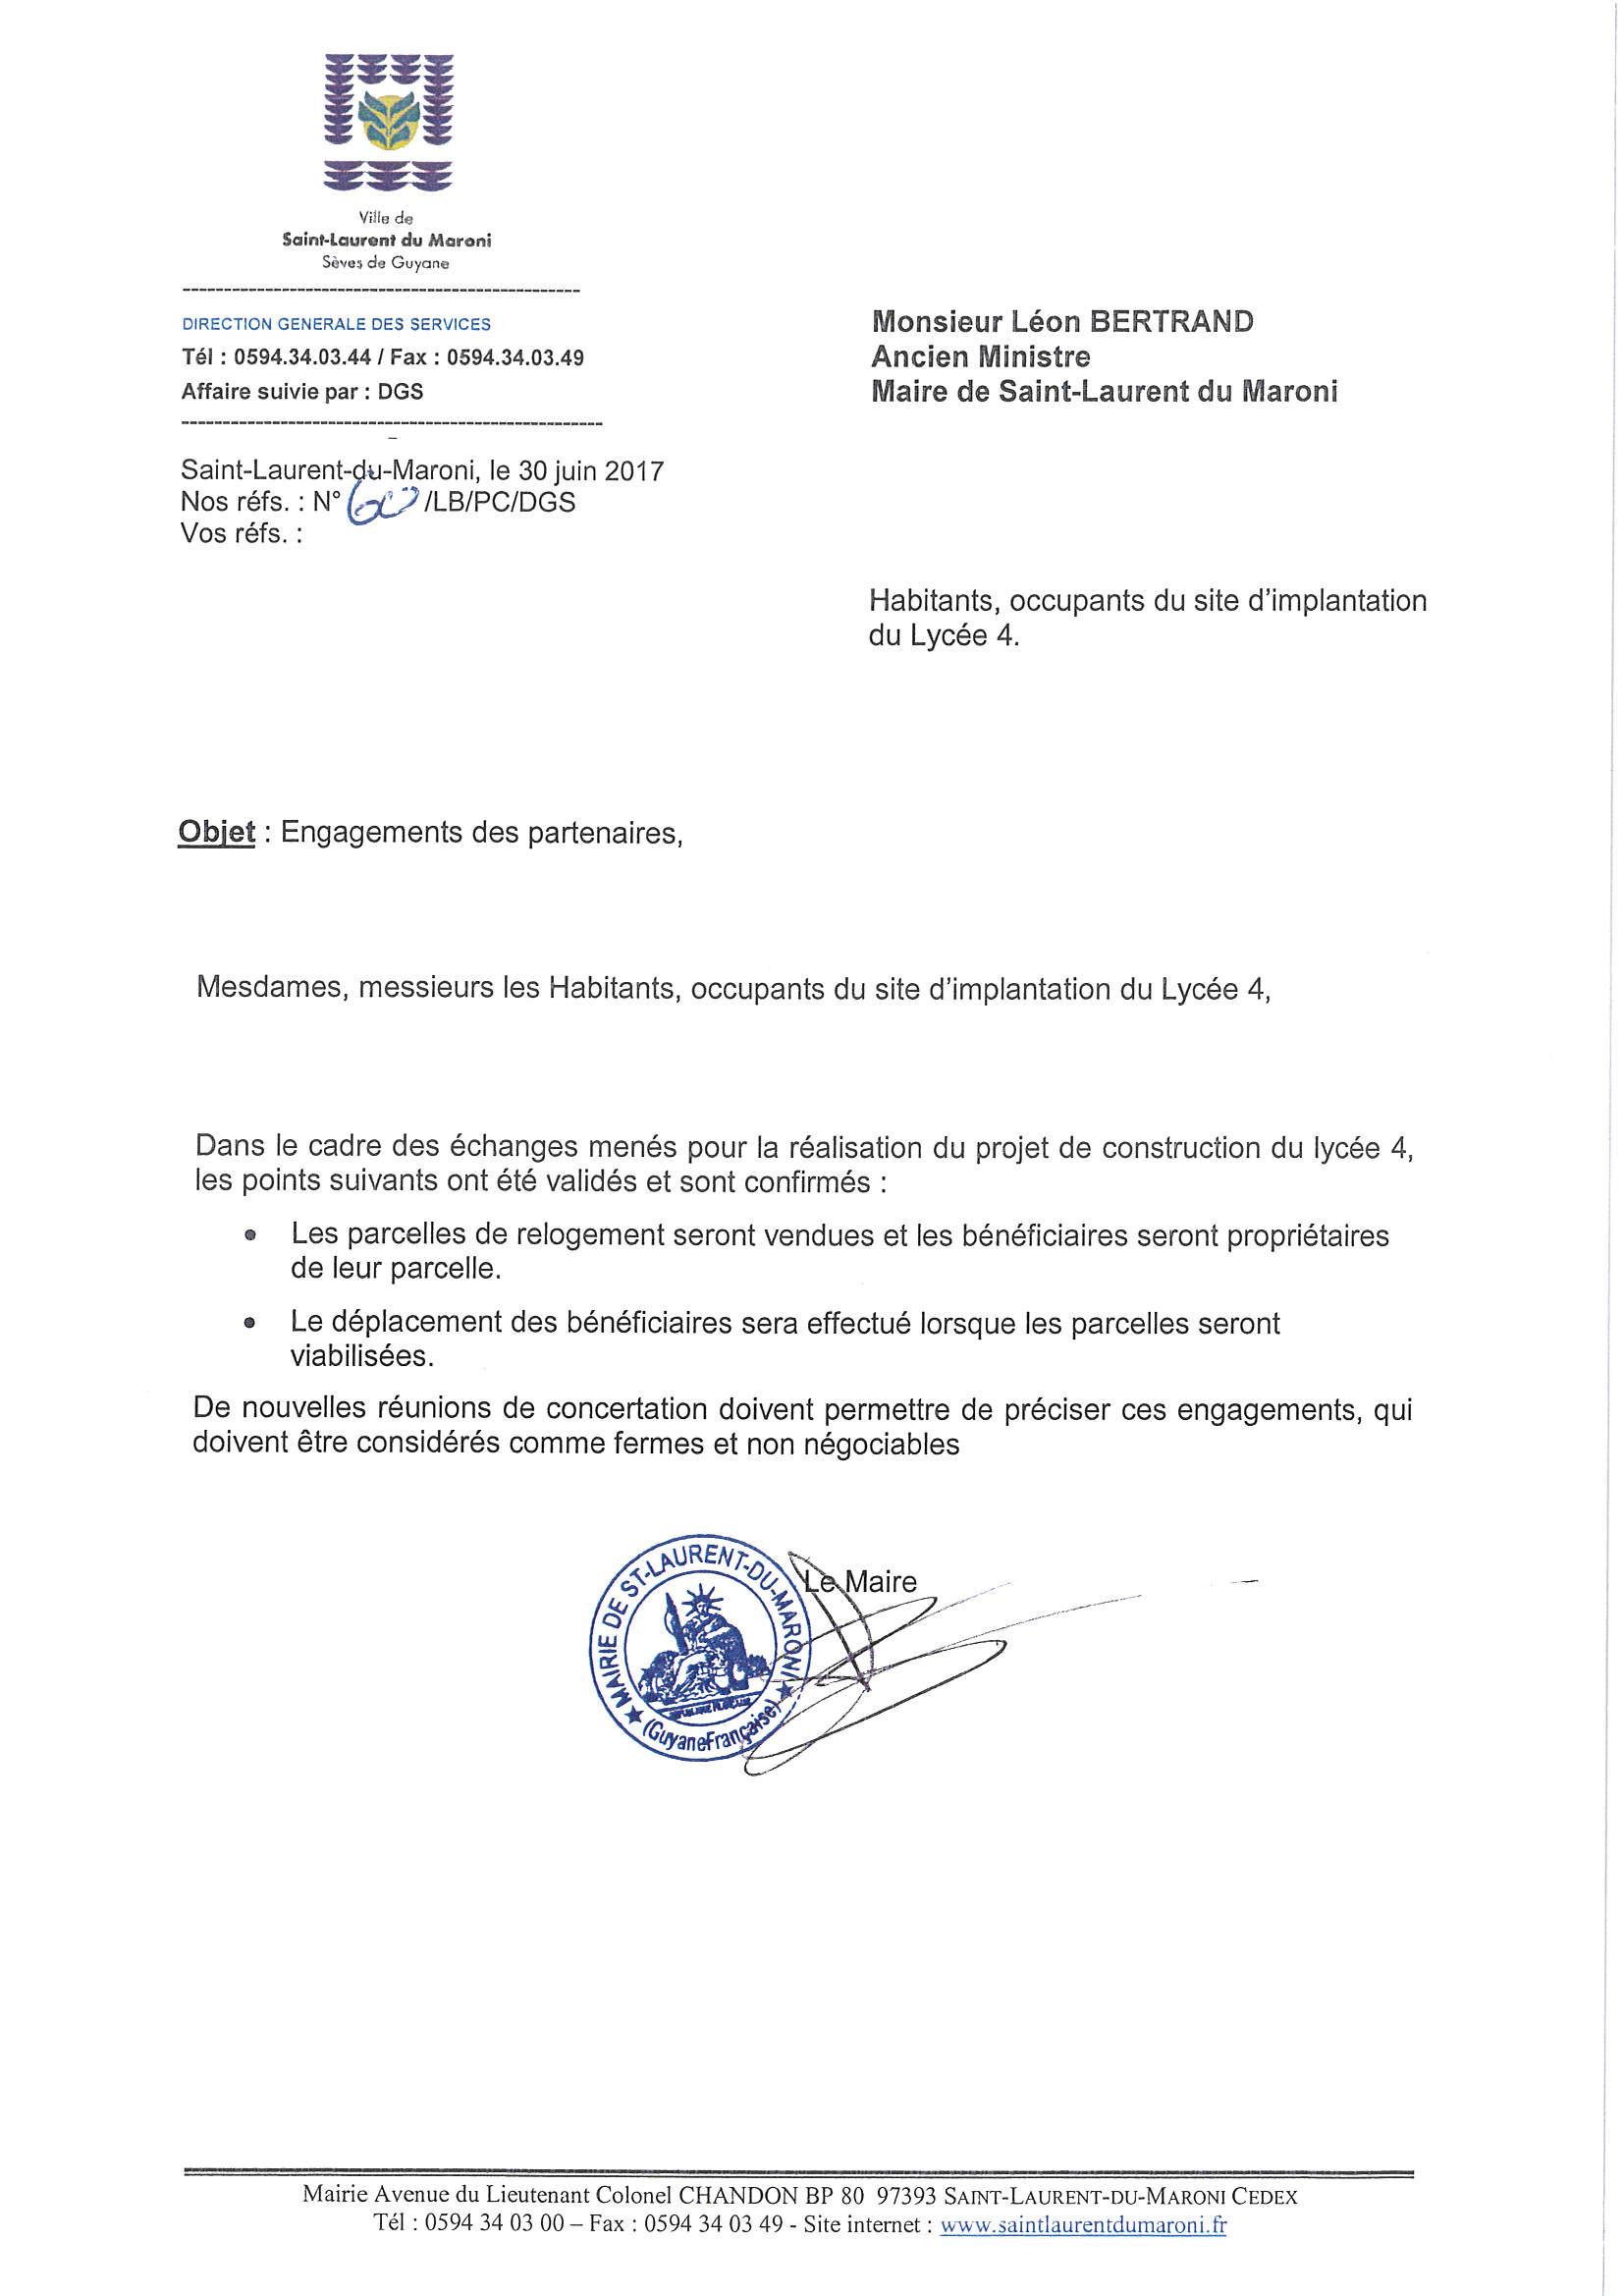 Engagement écrit remis par la Villle en réponse aux demandes des habitants occupant le terrain du futur lycée 4